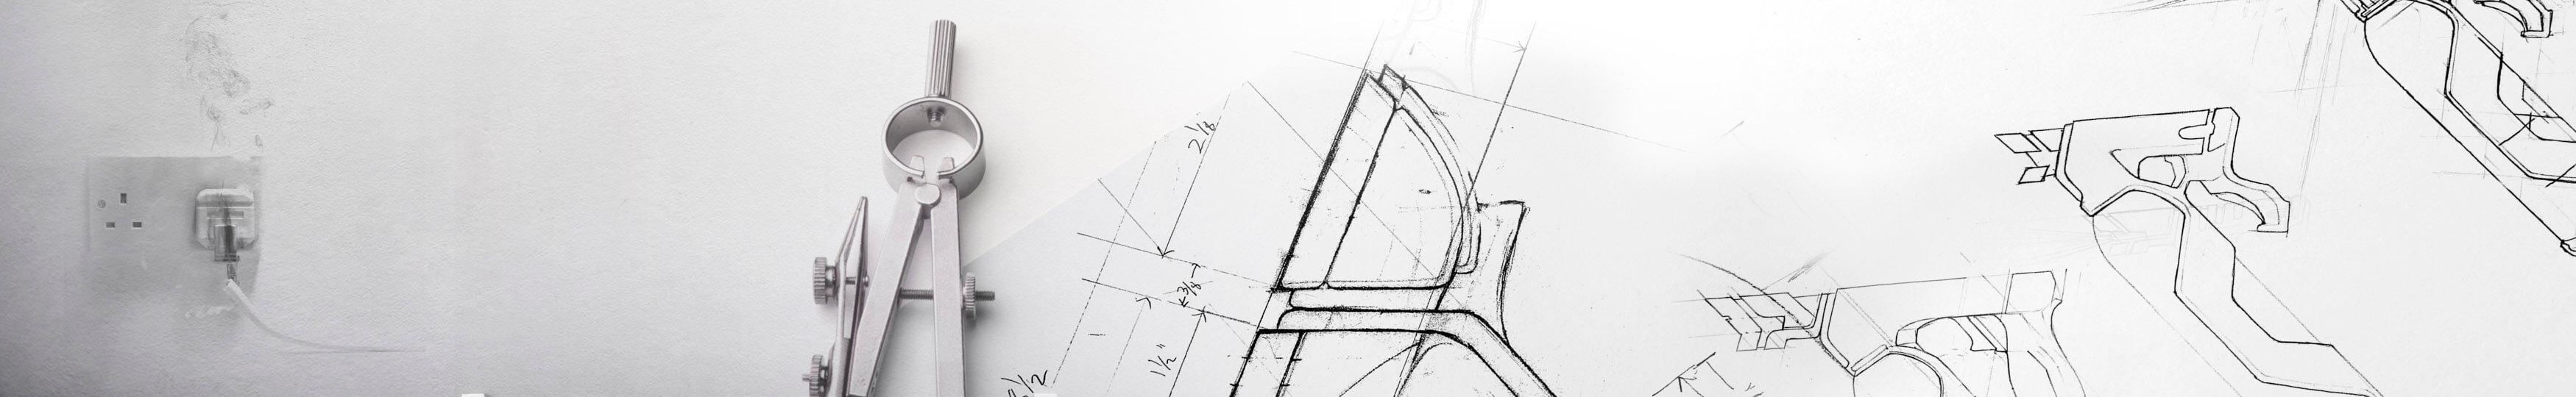 FireGrip-Ideation-Banner-05